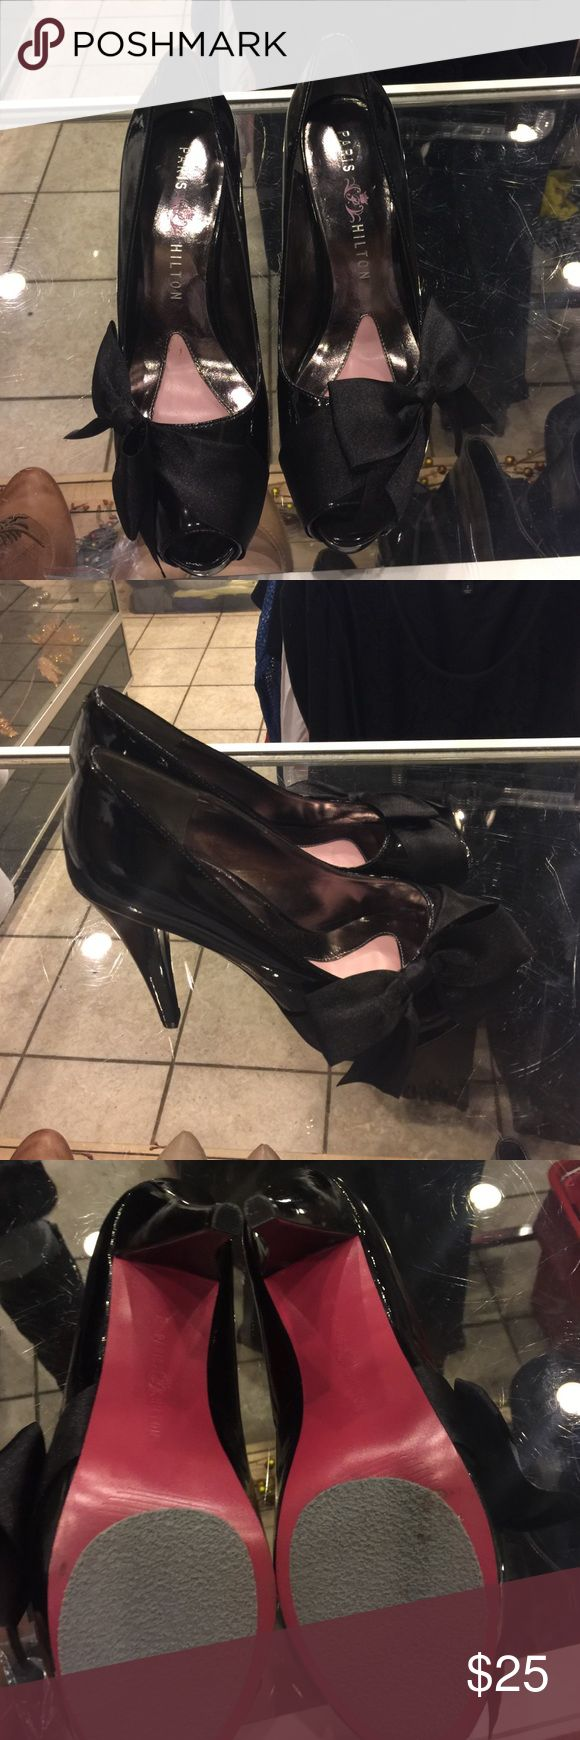 Paris Hilton NWOT Please see pictures before purchasing 😊 Paris Hilton Shoes Heels